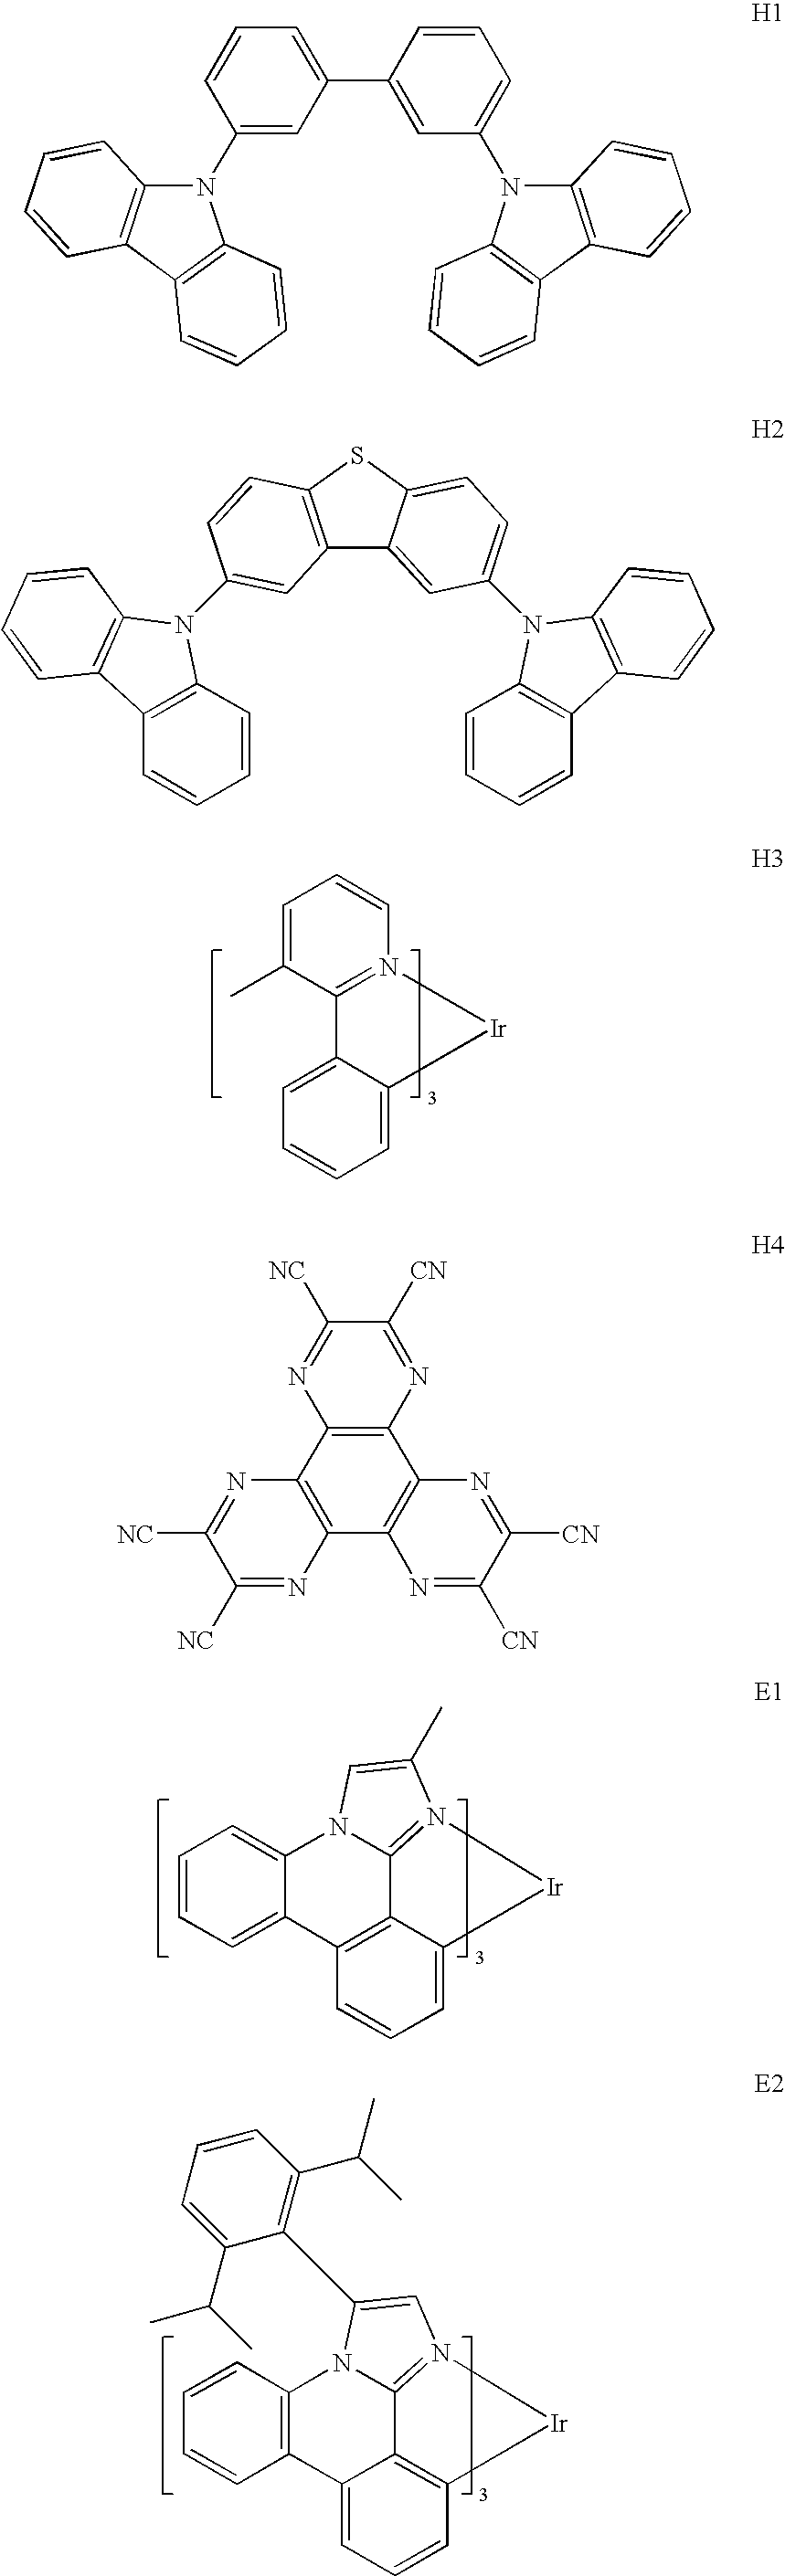 Figure US20100148663A1-20100617-C00158